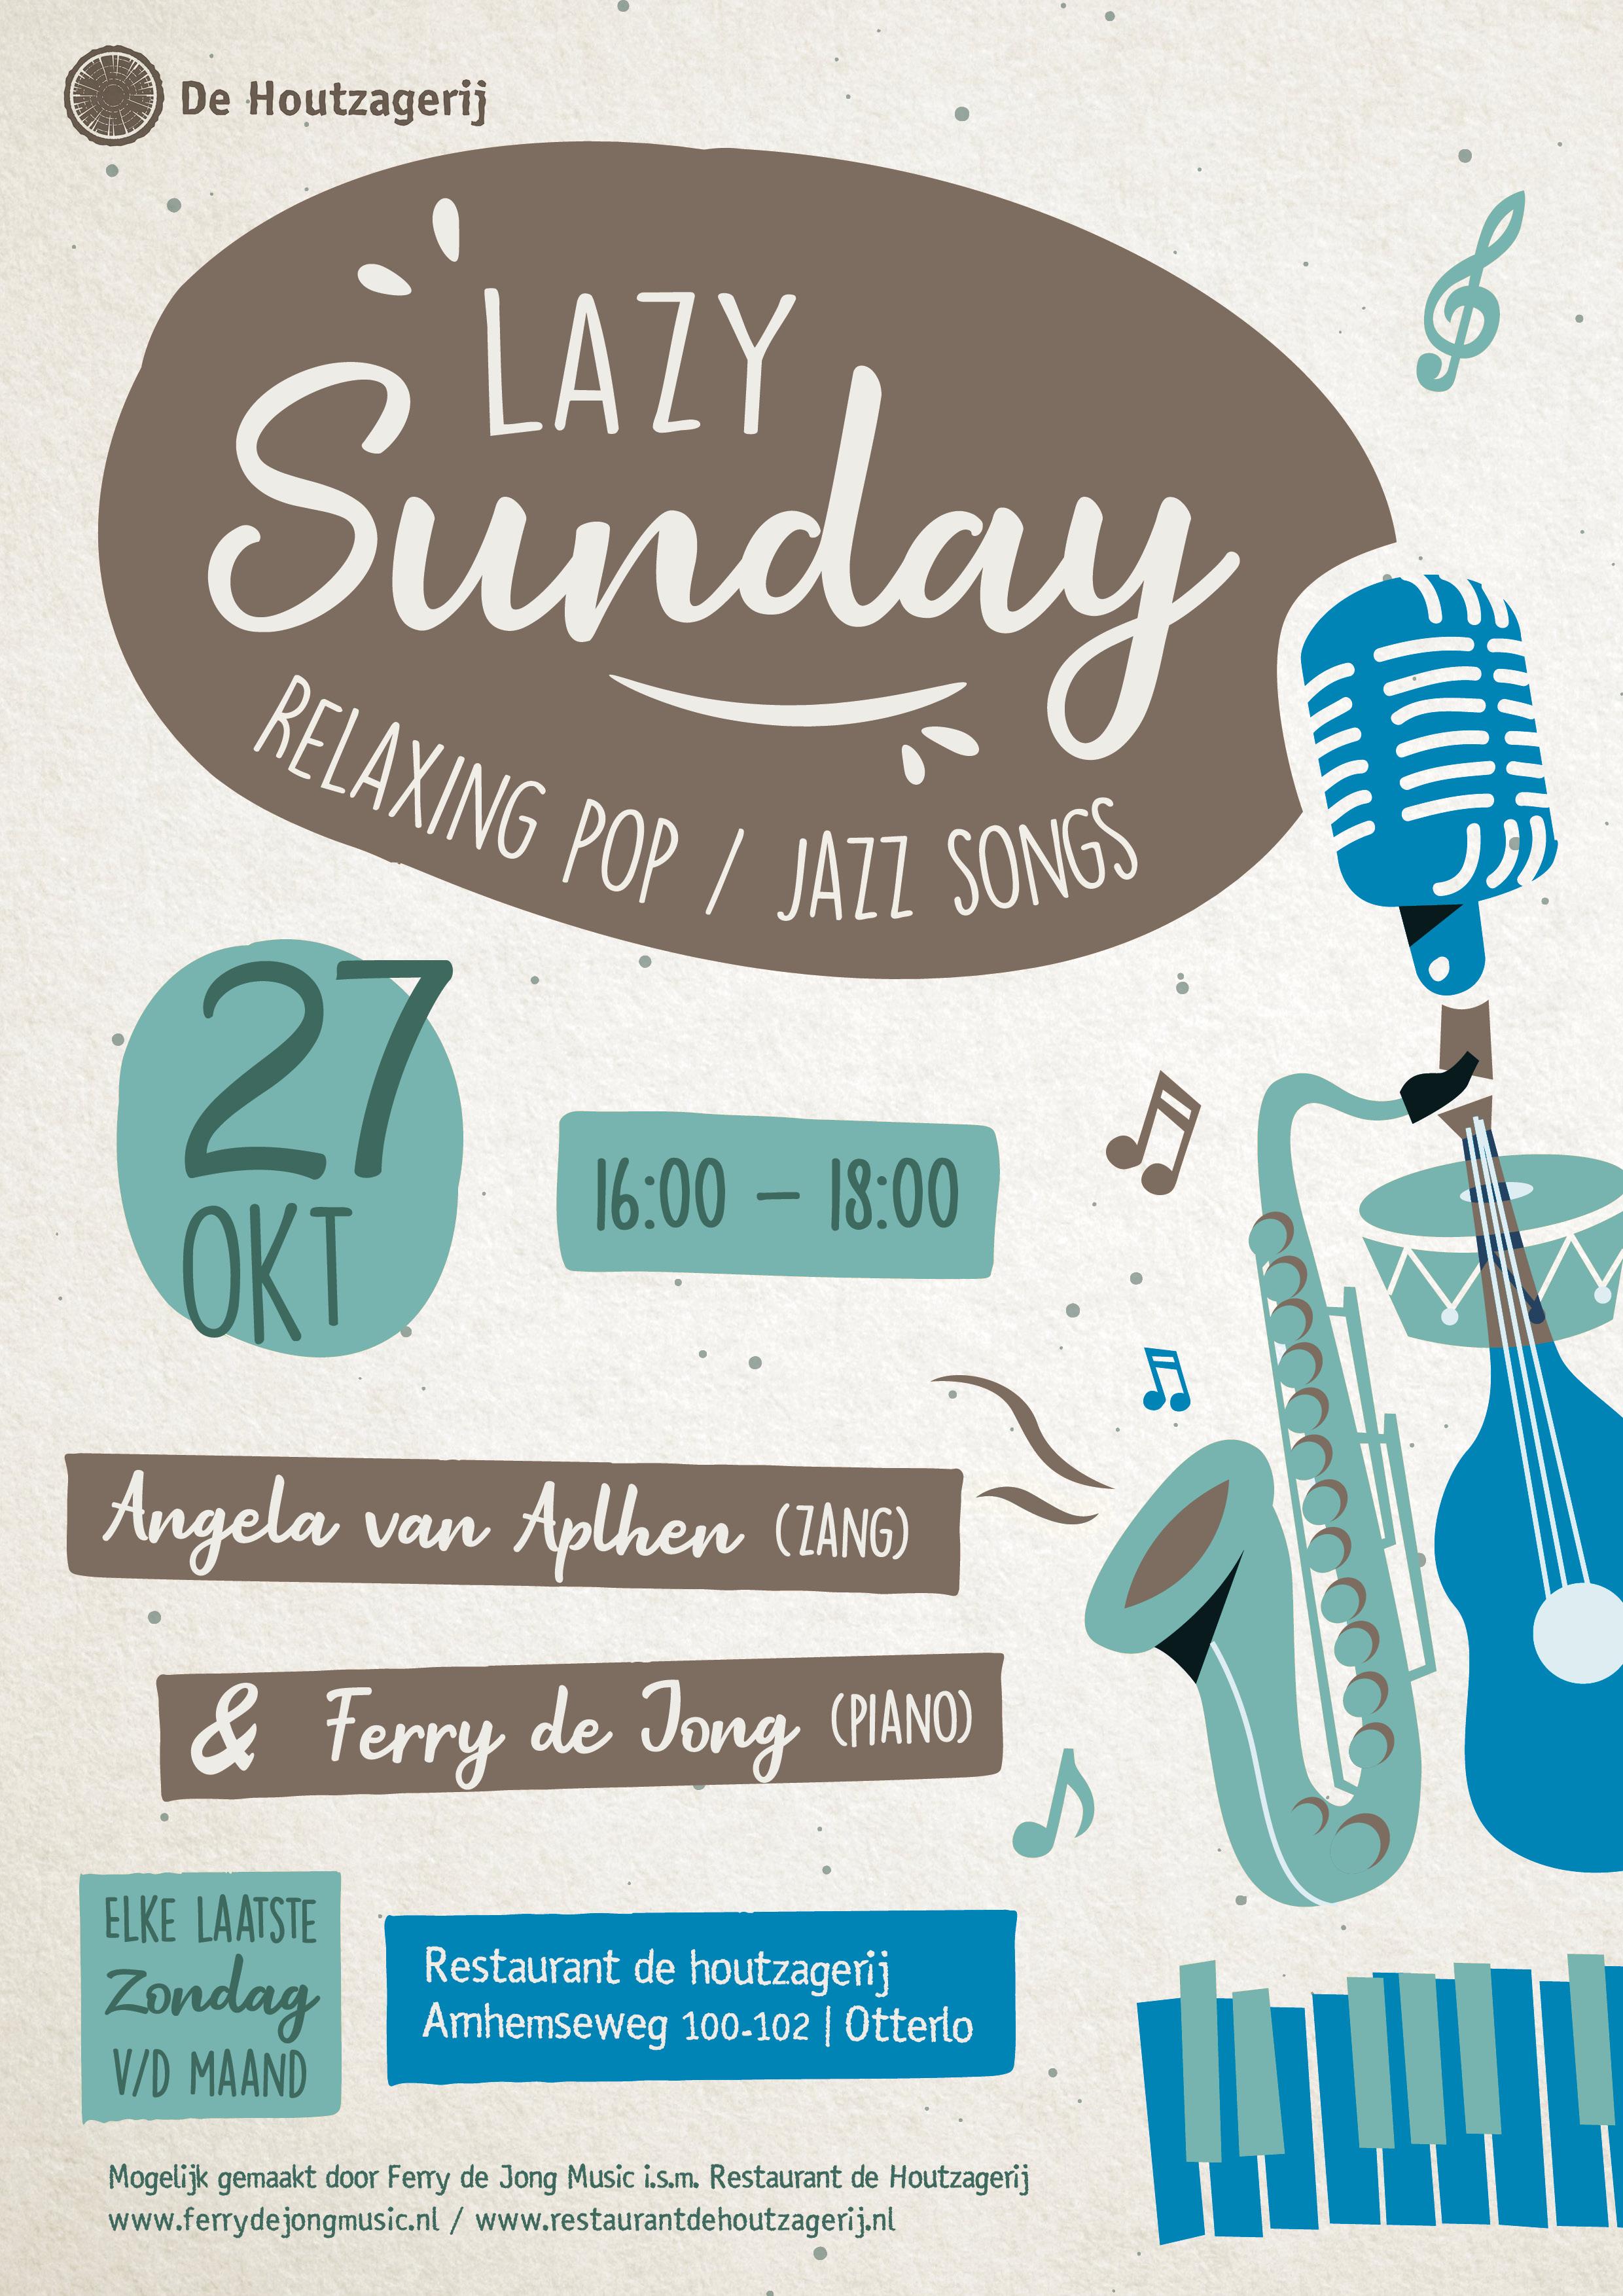 Lazy-sunday-27-okt-De-Houtzagerij